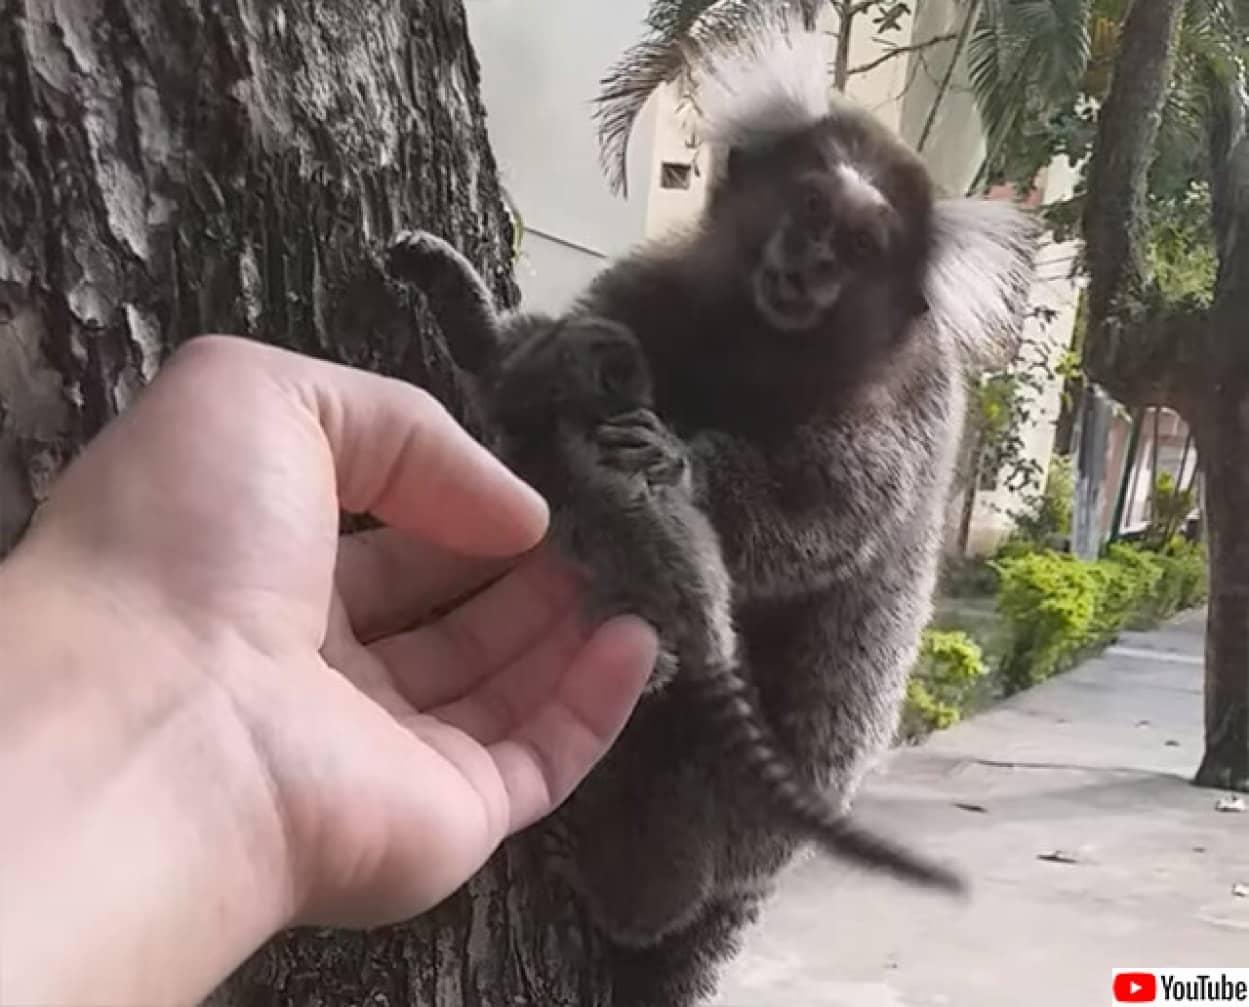 マーモセットの赤ちゃんを救出、母親のいる木に返す